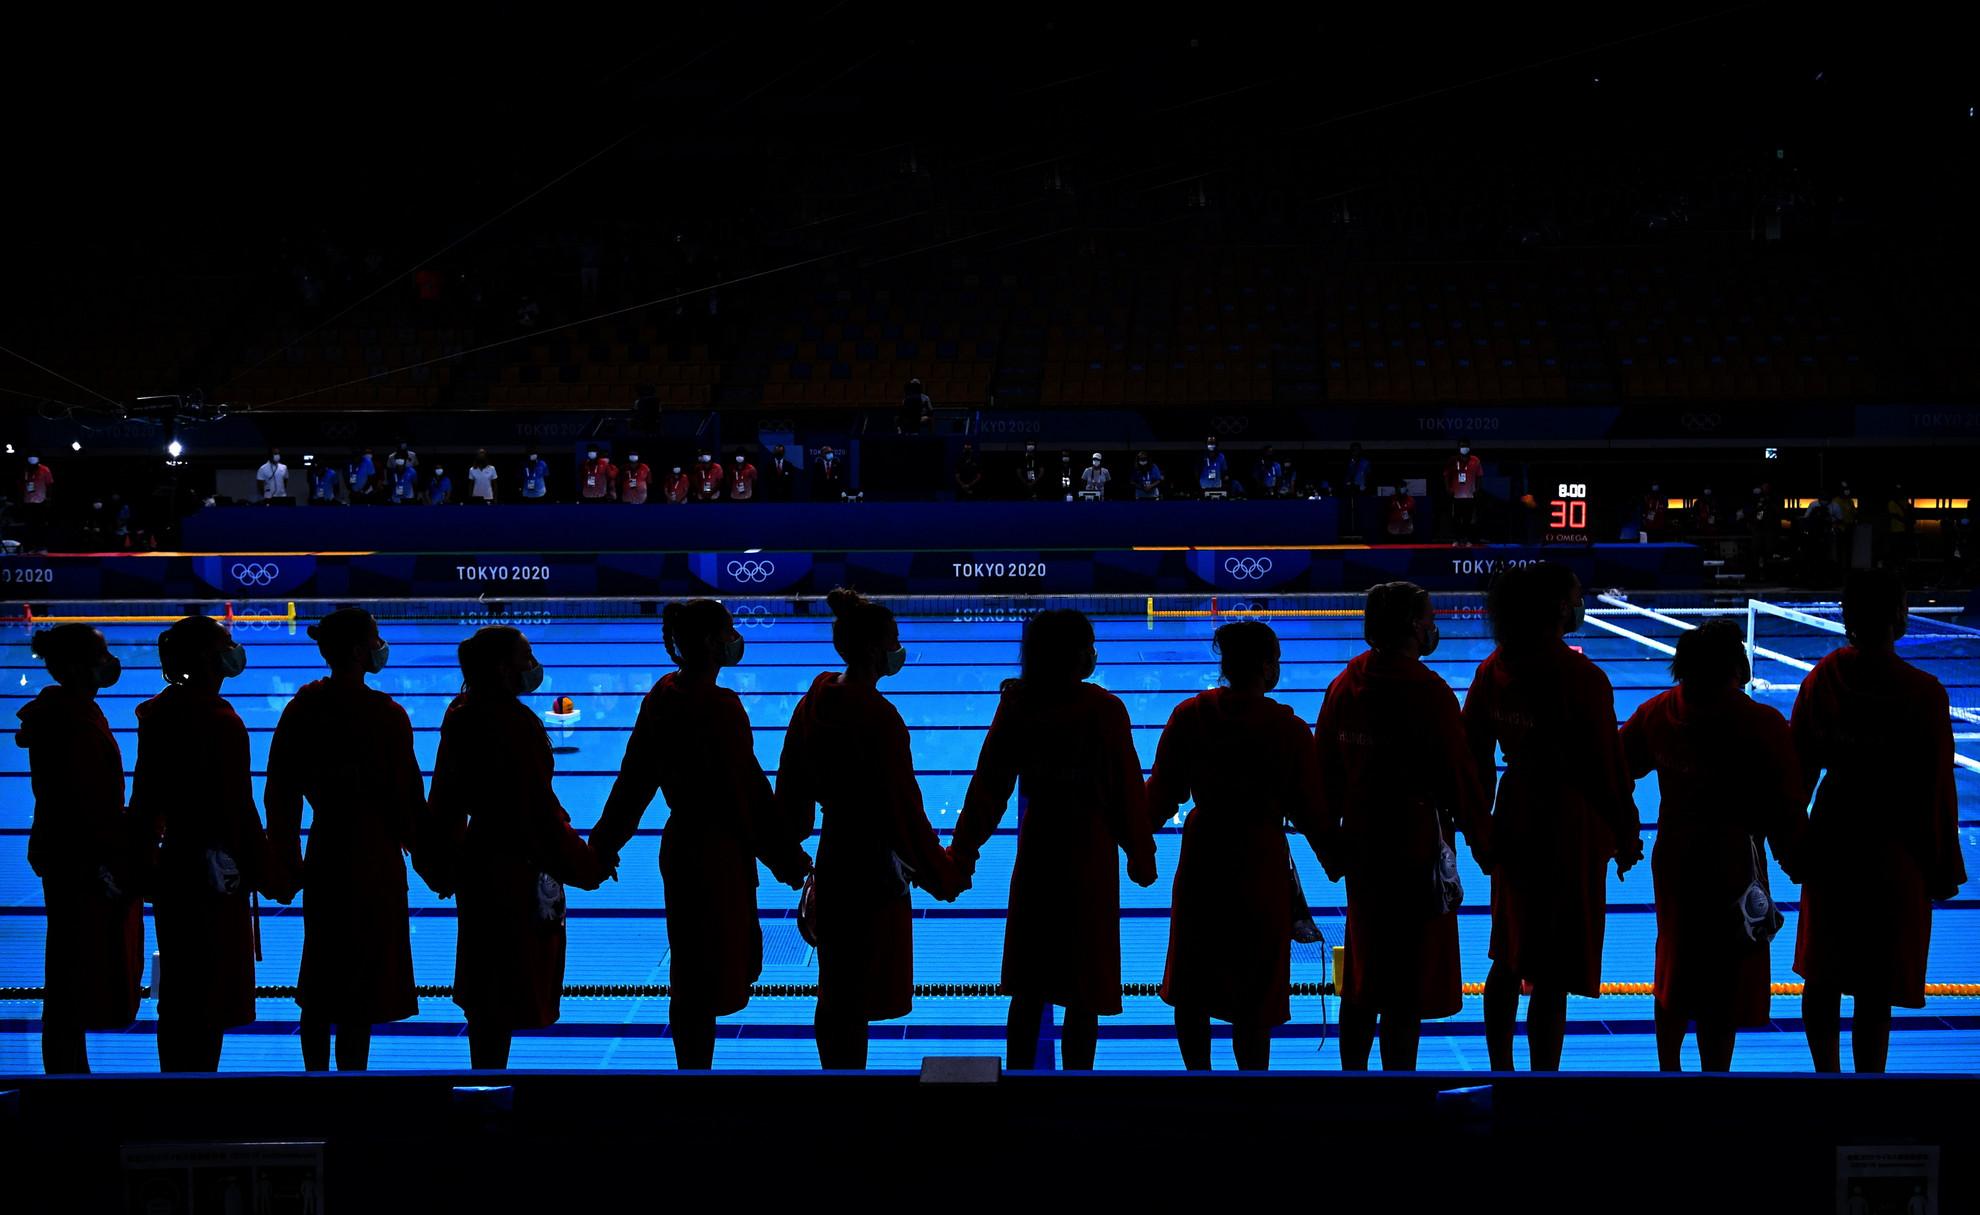 A későbbi bronzérmes magyar csapat a világméretű koronavírus-járvány miatt 2021-re halasztott 2020-as tokiói nyári olimpia női vízilabdatornáján a harmadik helyért játszott Magyarország - Orosz Olimpiai Csapat mérkőzés előtt a Tacumi Vízilabdaközpontban 2021. augusztus 7-én